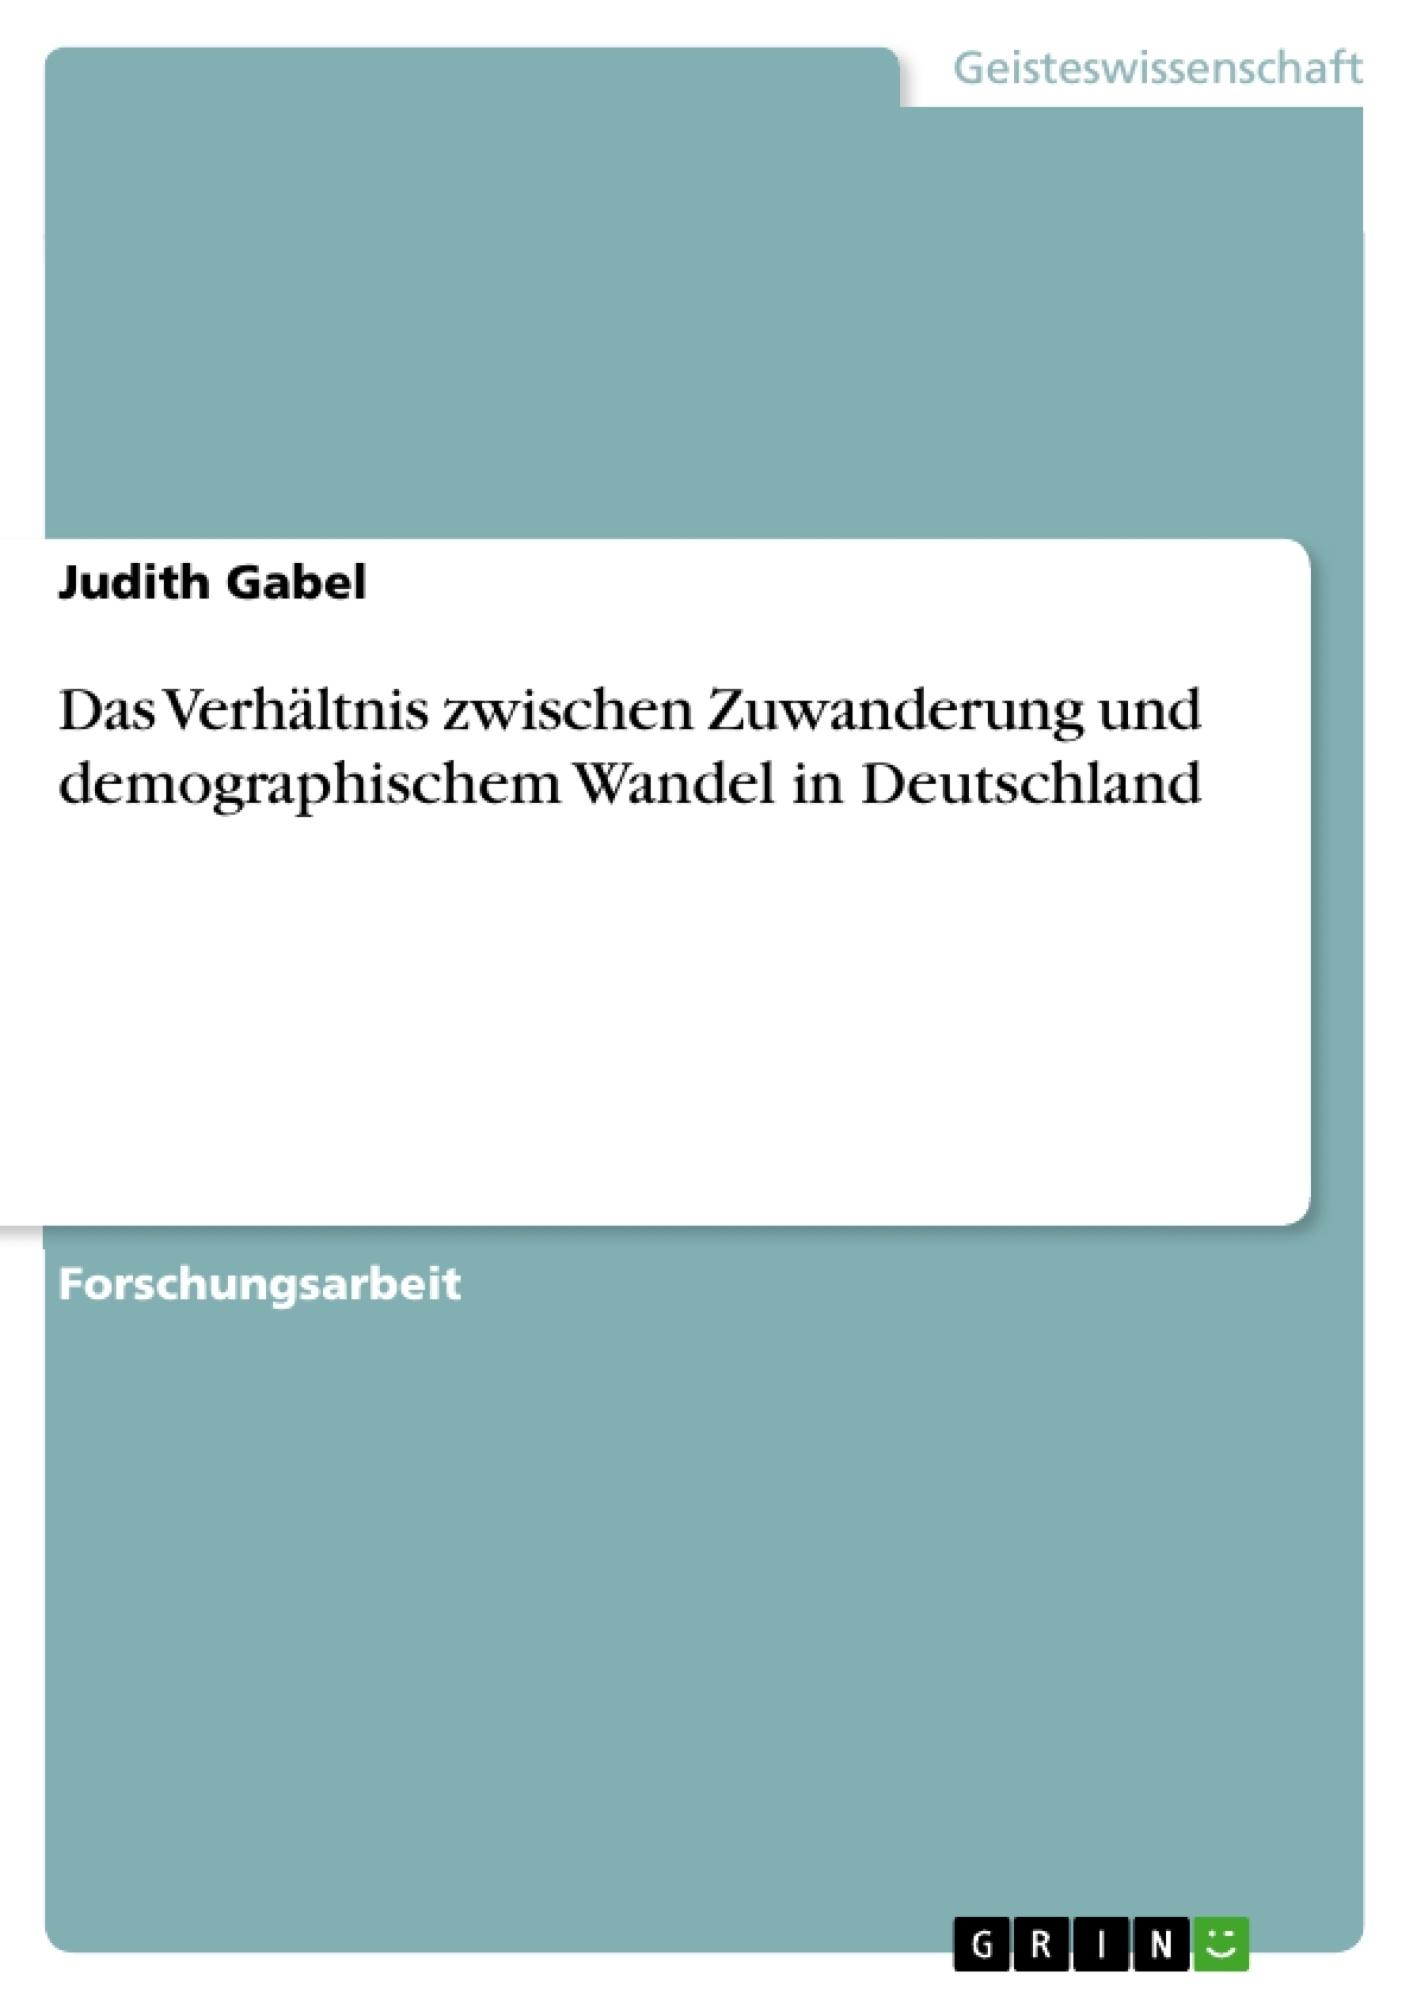 Titel: Das Verhältnis zwischen Zuwanderung und demographischem Wandel in Deutschland